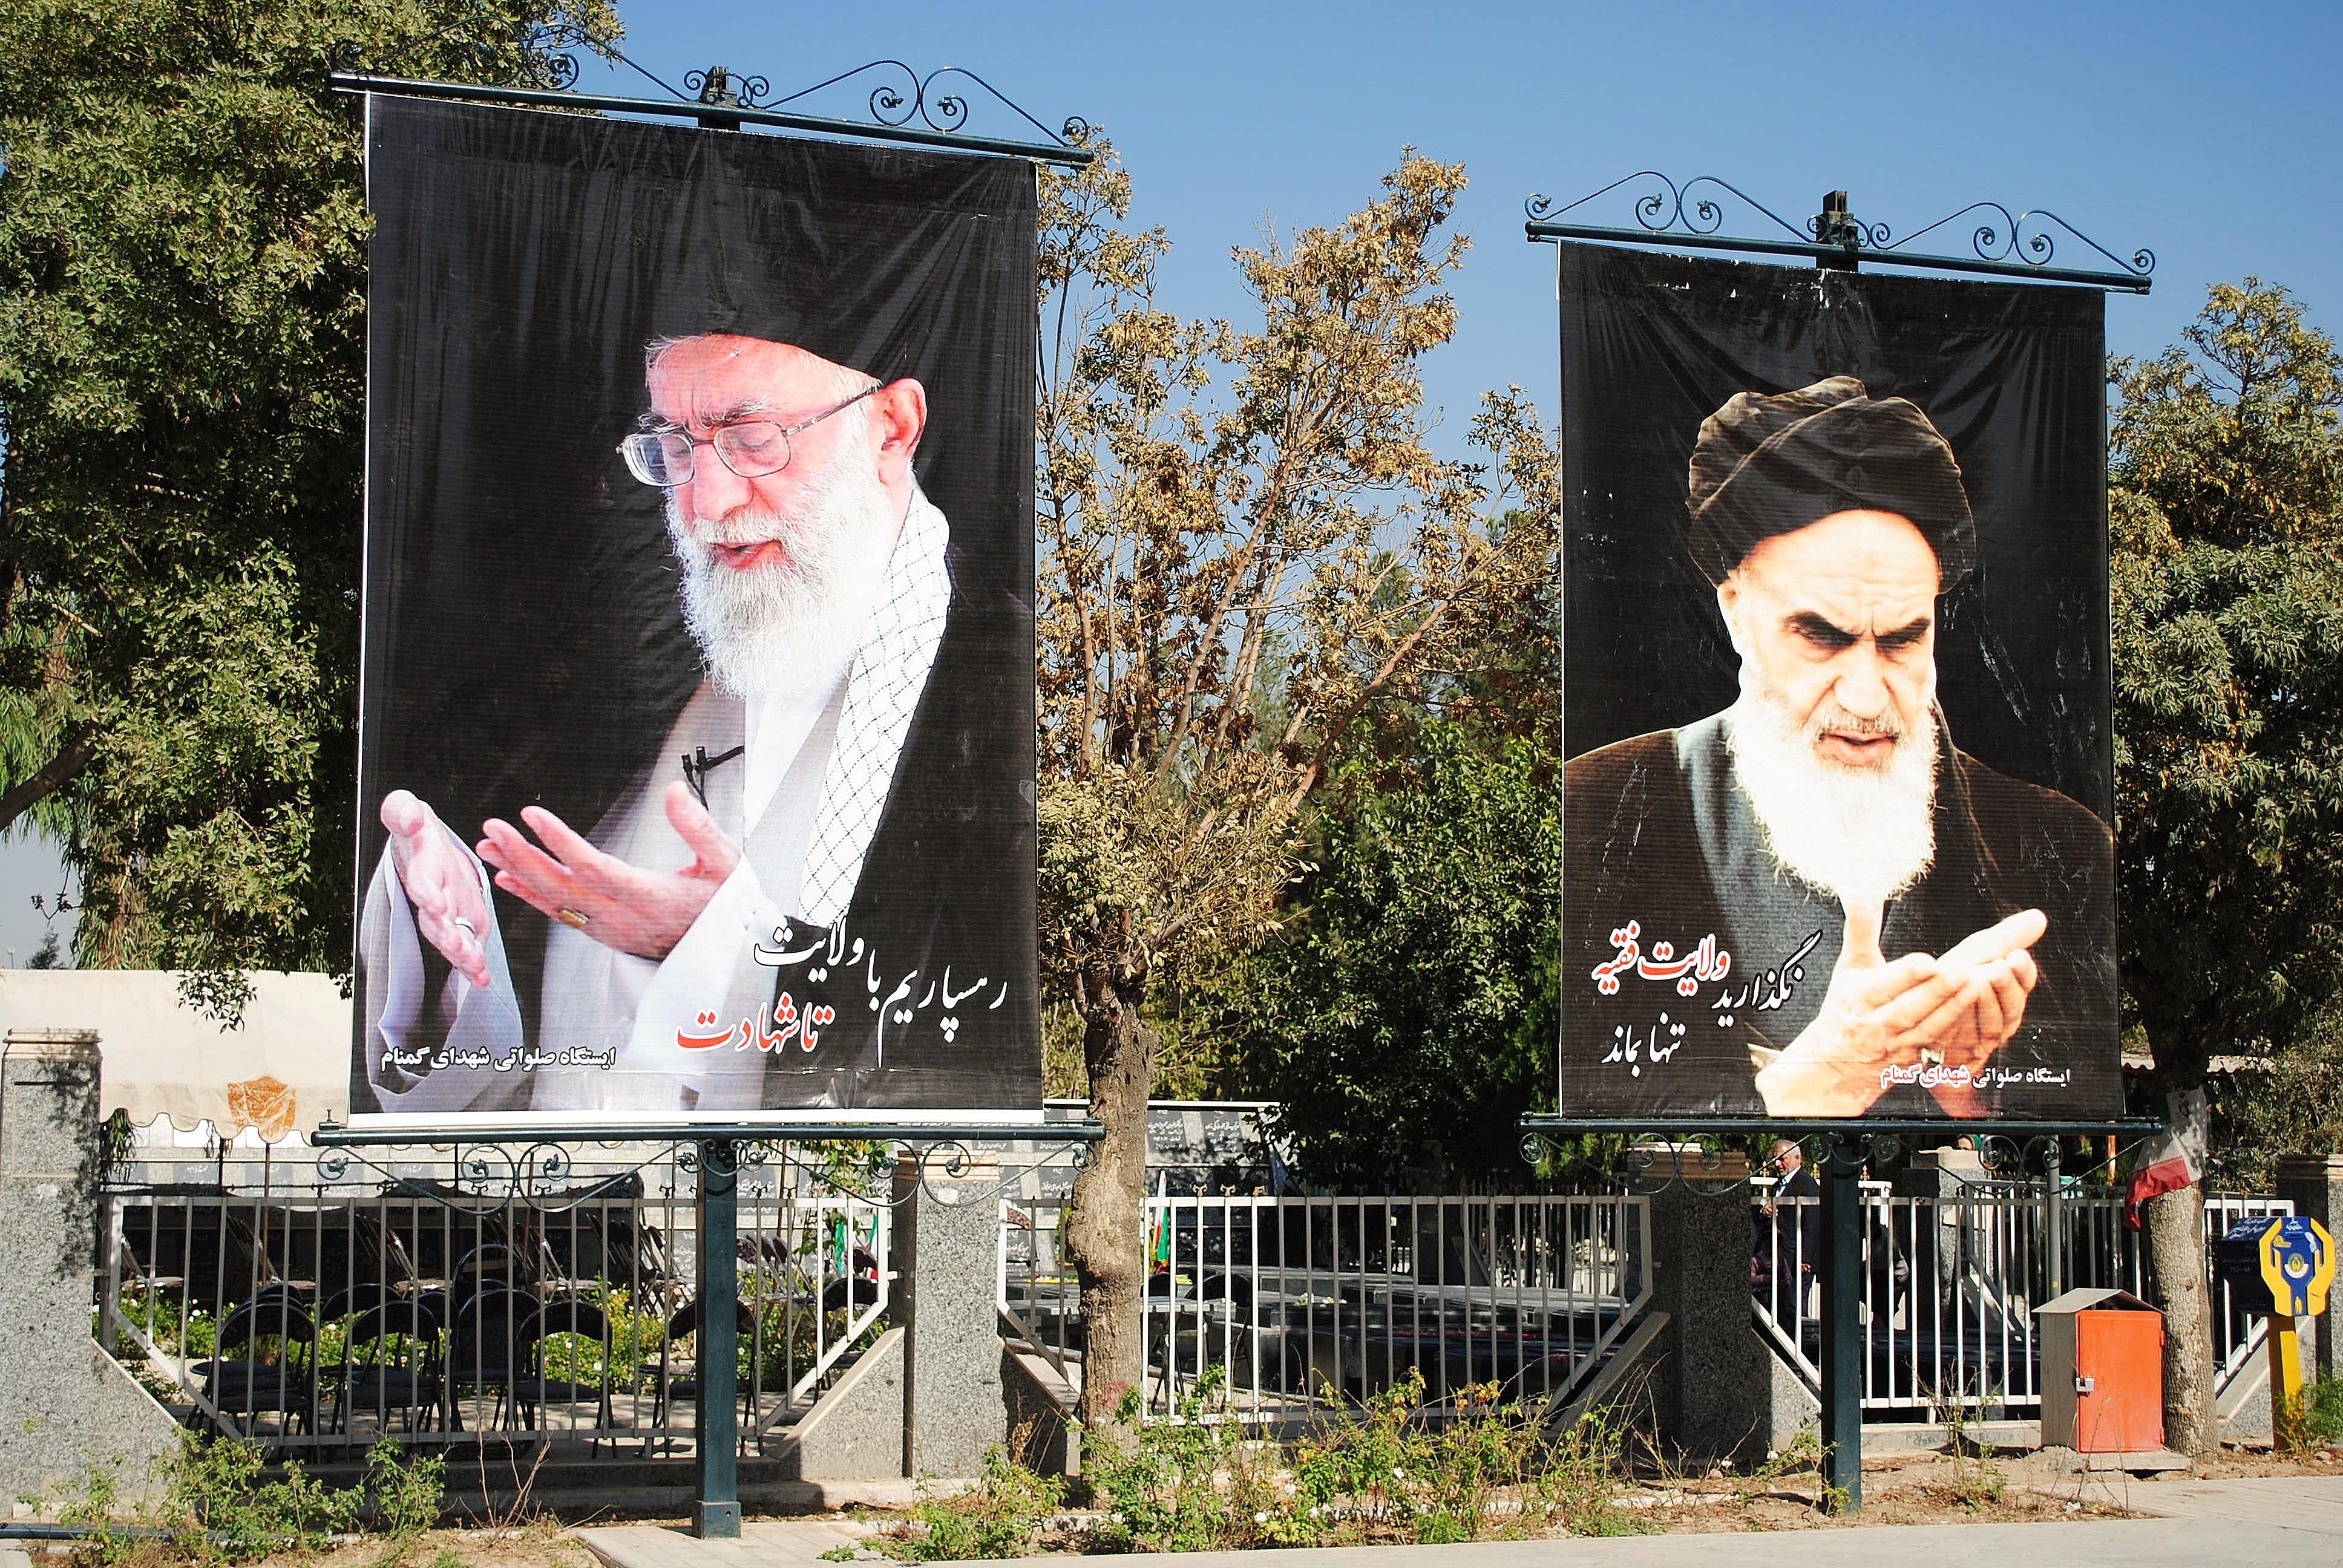 Częsty widok w Iranie. Przywódca duchowy Iranu Ali Chamenei i były przywódca Ajatollach Chomeini.